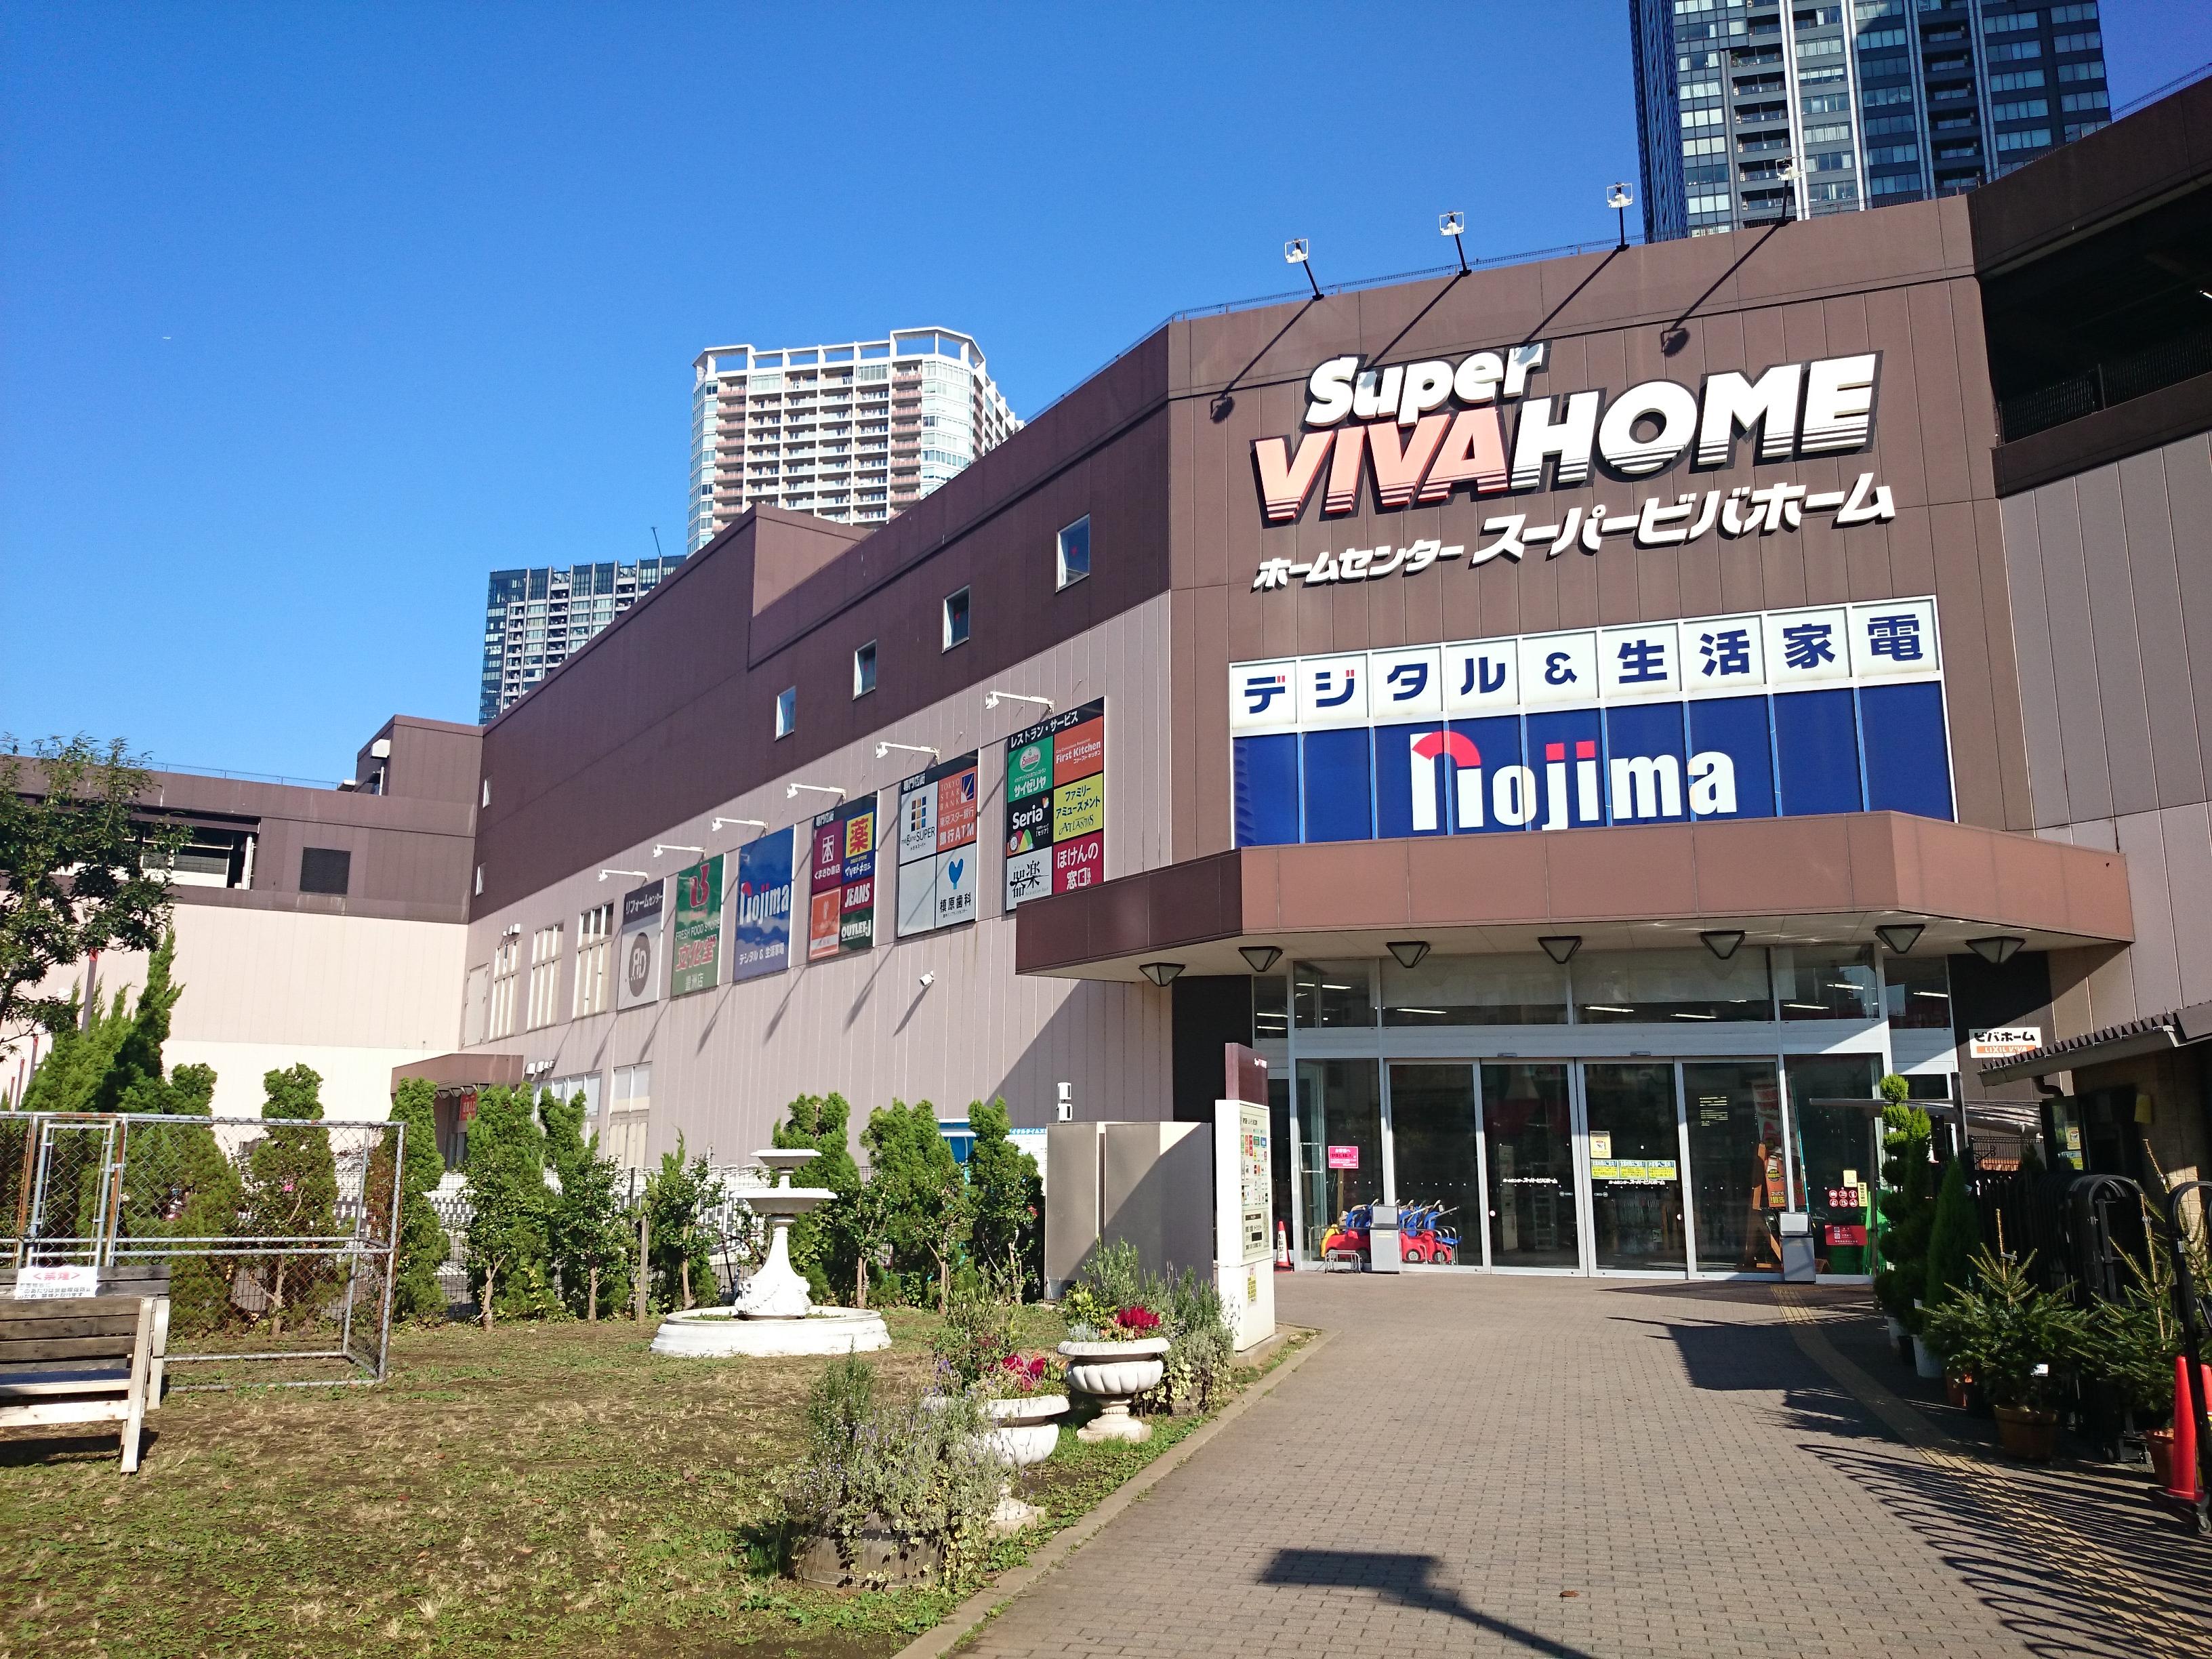 スーパービバホーム豊洲店リフォーム&デザインセンター